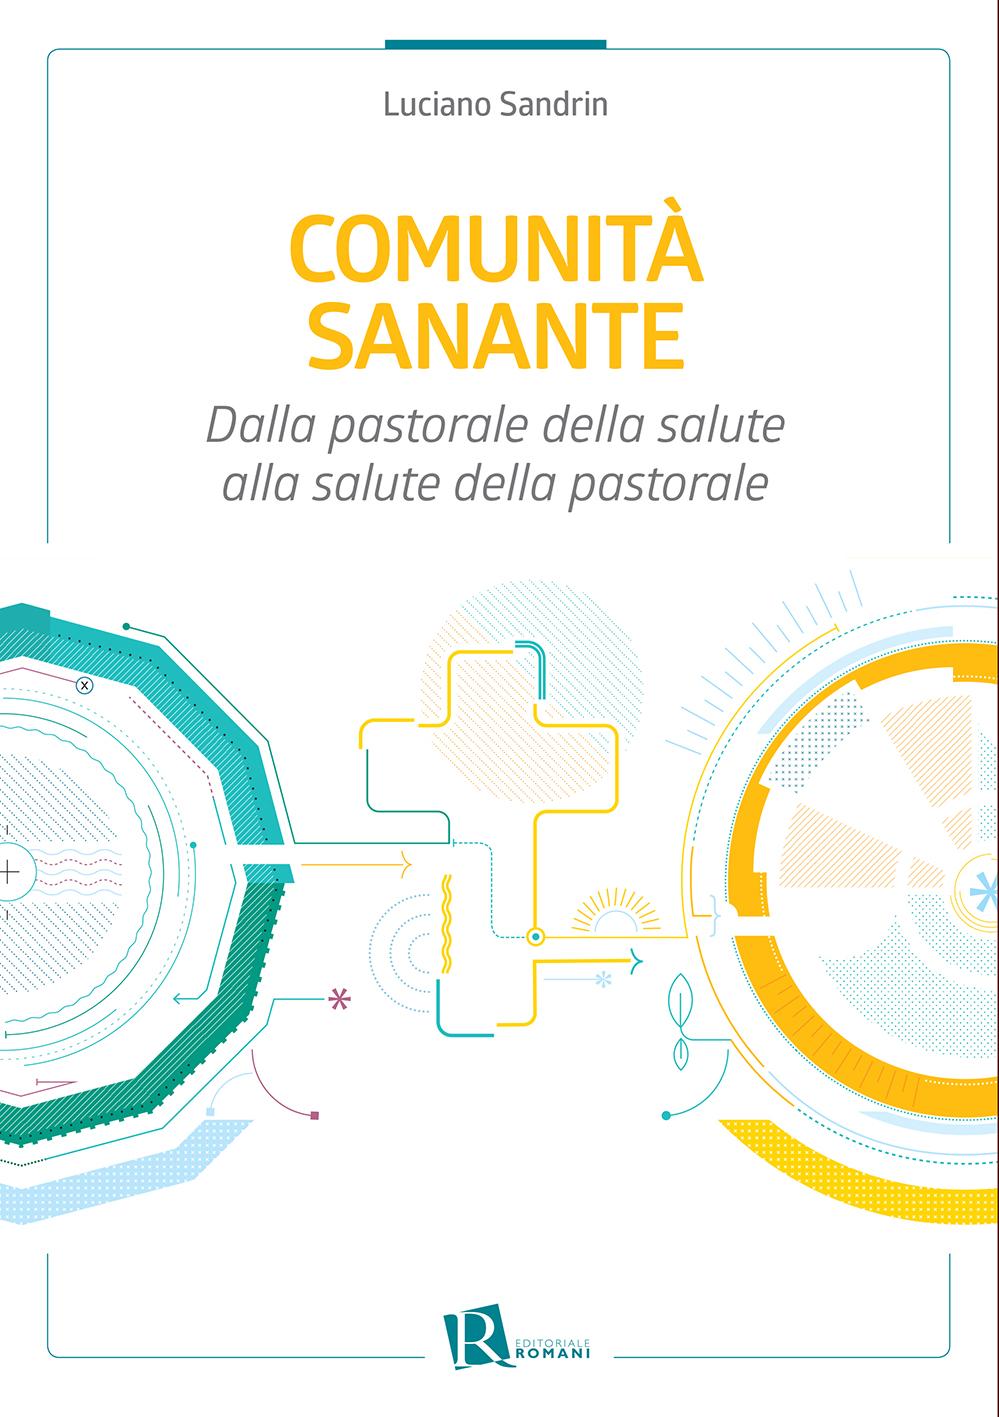 Comunità sanante